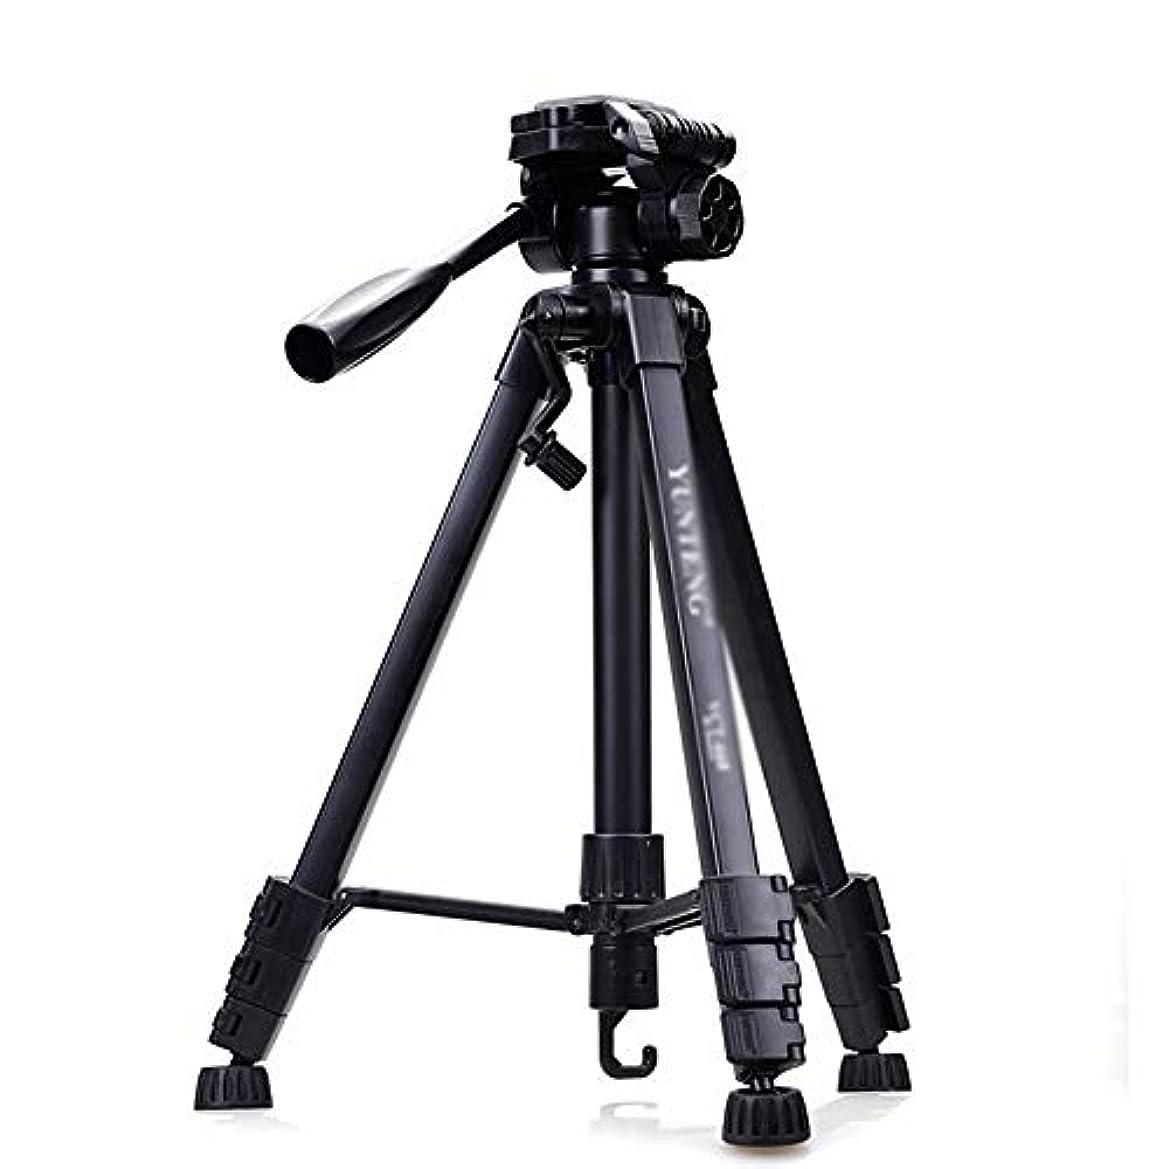 タヒチ疑い者うぬぼれた三脚 モバイルデジタル一眼レフカメラの旅行に適したポータブル三脚、三脚旅行アウトドアコンパクトマグネシウムのカメラ三脚一脚、 ポータブル三脚 (Color : Black, Size : One size)